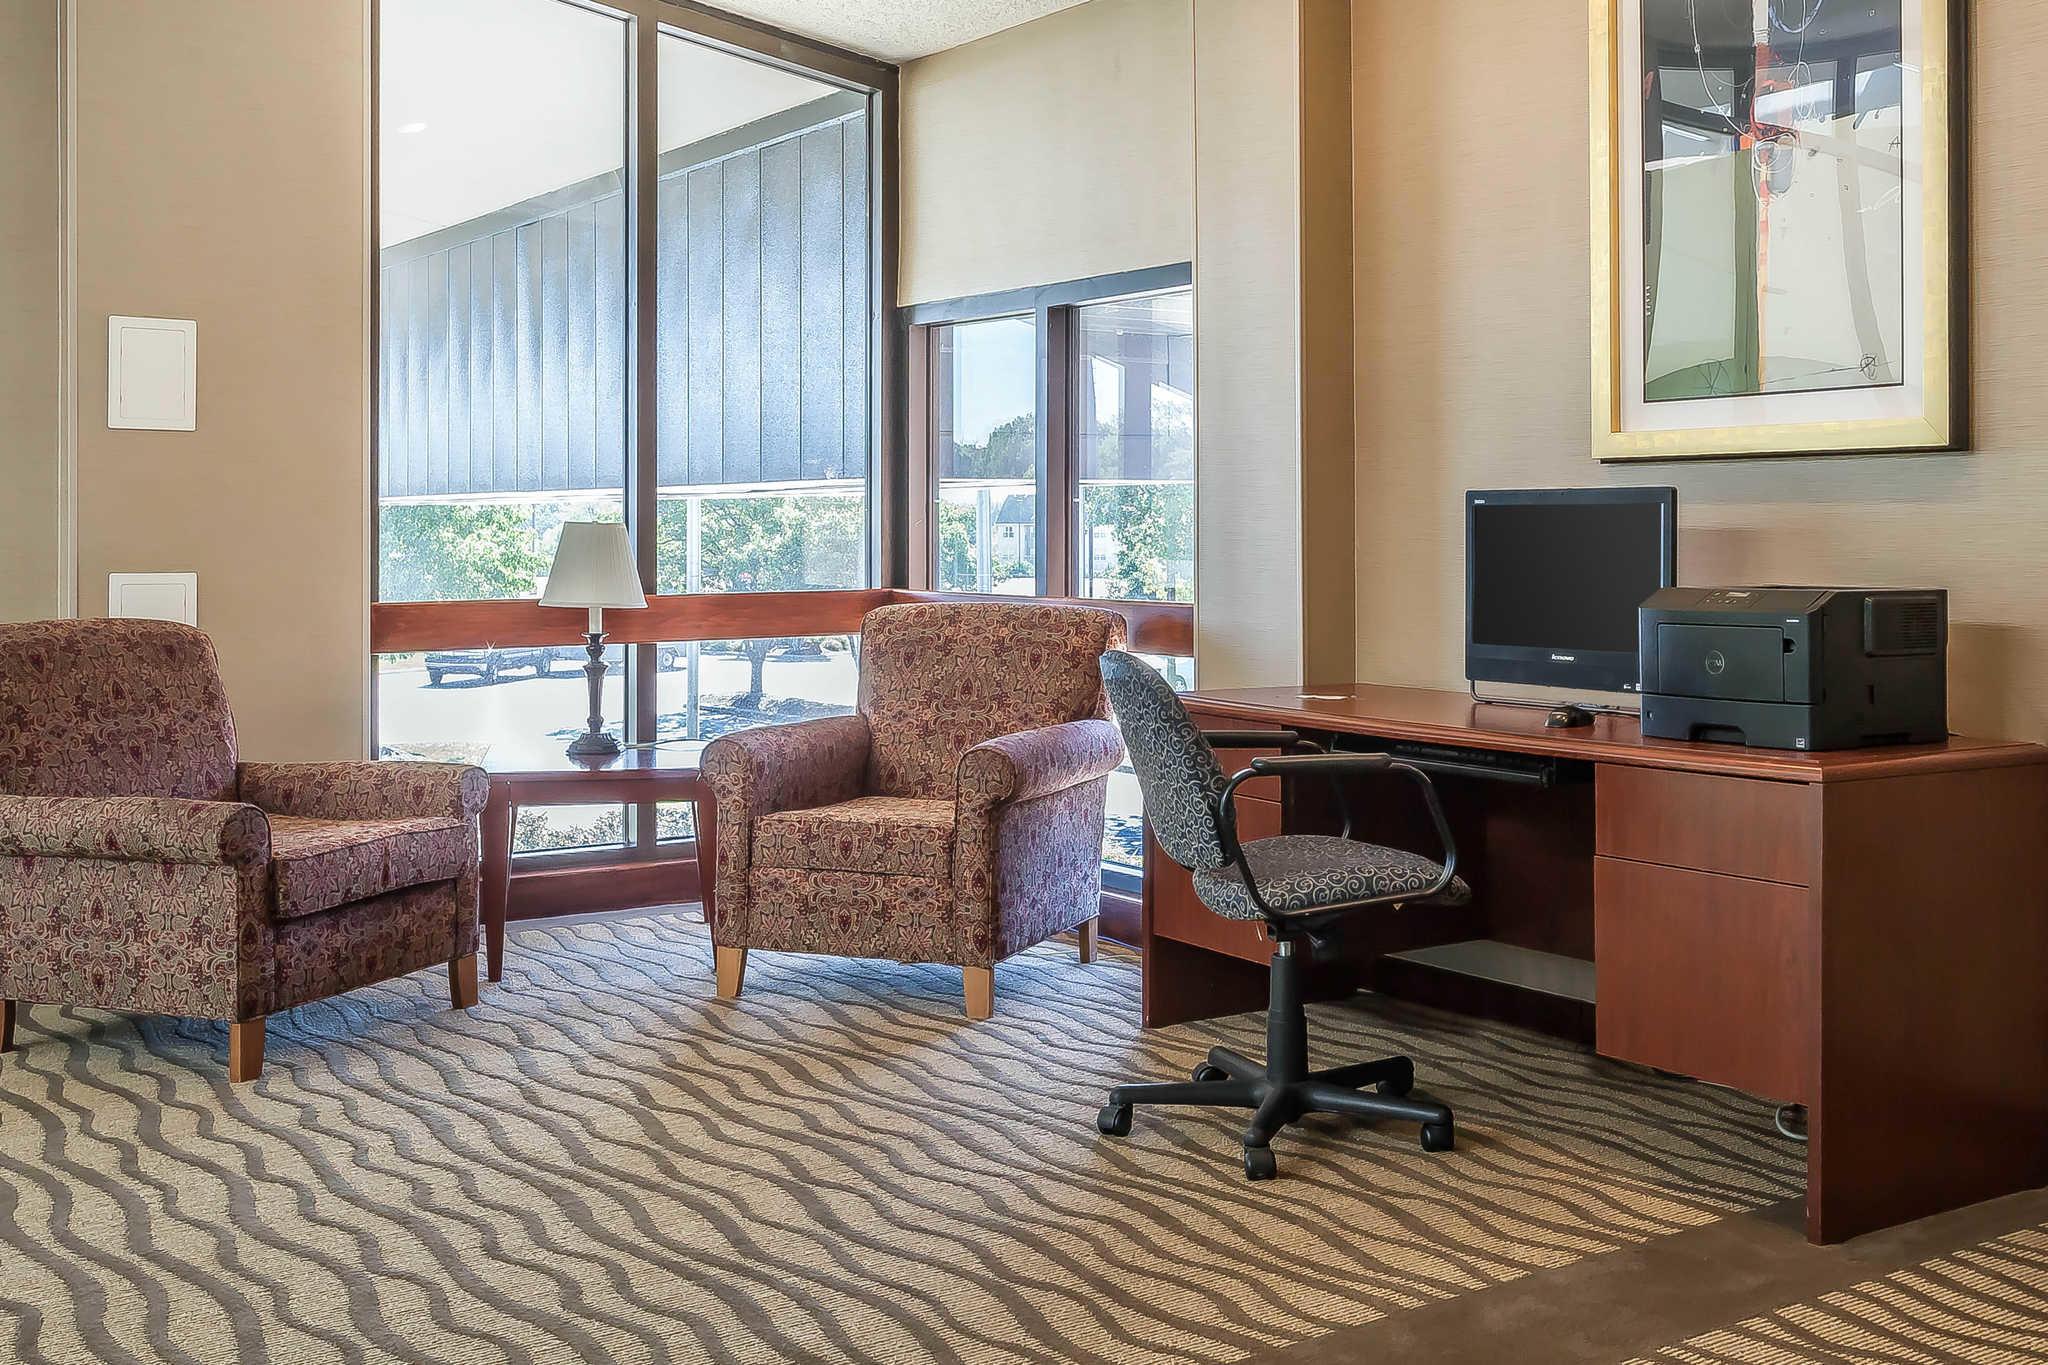 Comfort Inn - Hall of Fame image 24